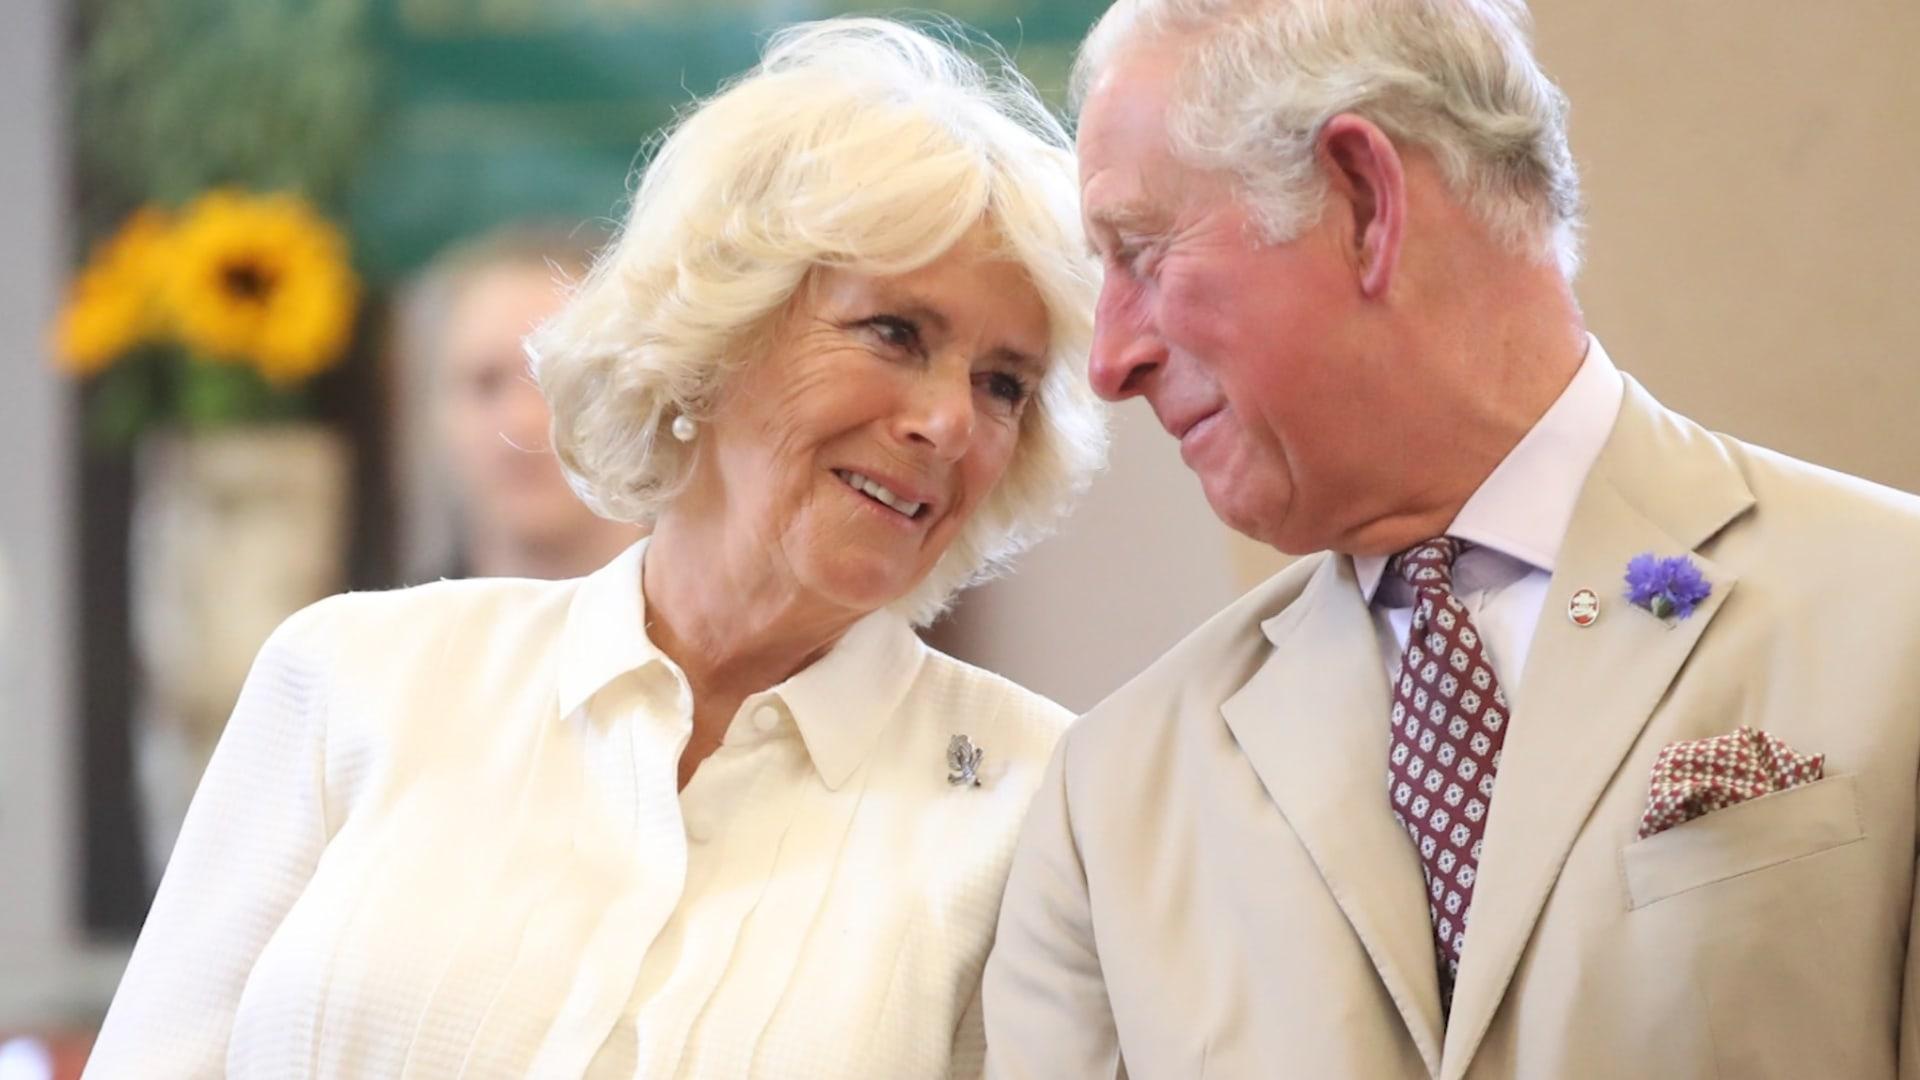 لجمع التبرعات.. أفراد العائلة المالكة ومشاهير يلقون قصيدة عيد الميلاد الشهيرة